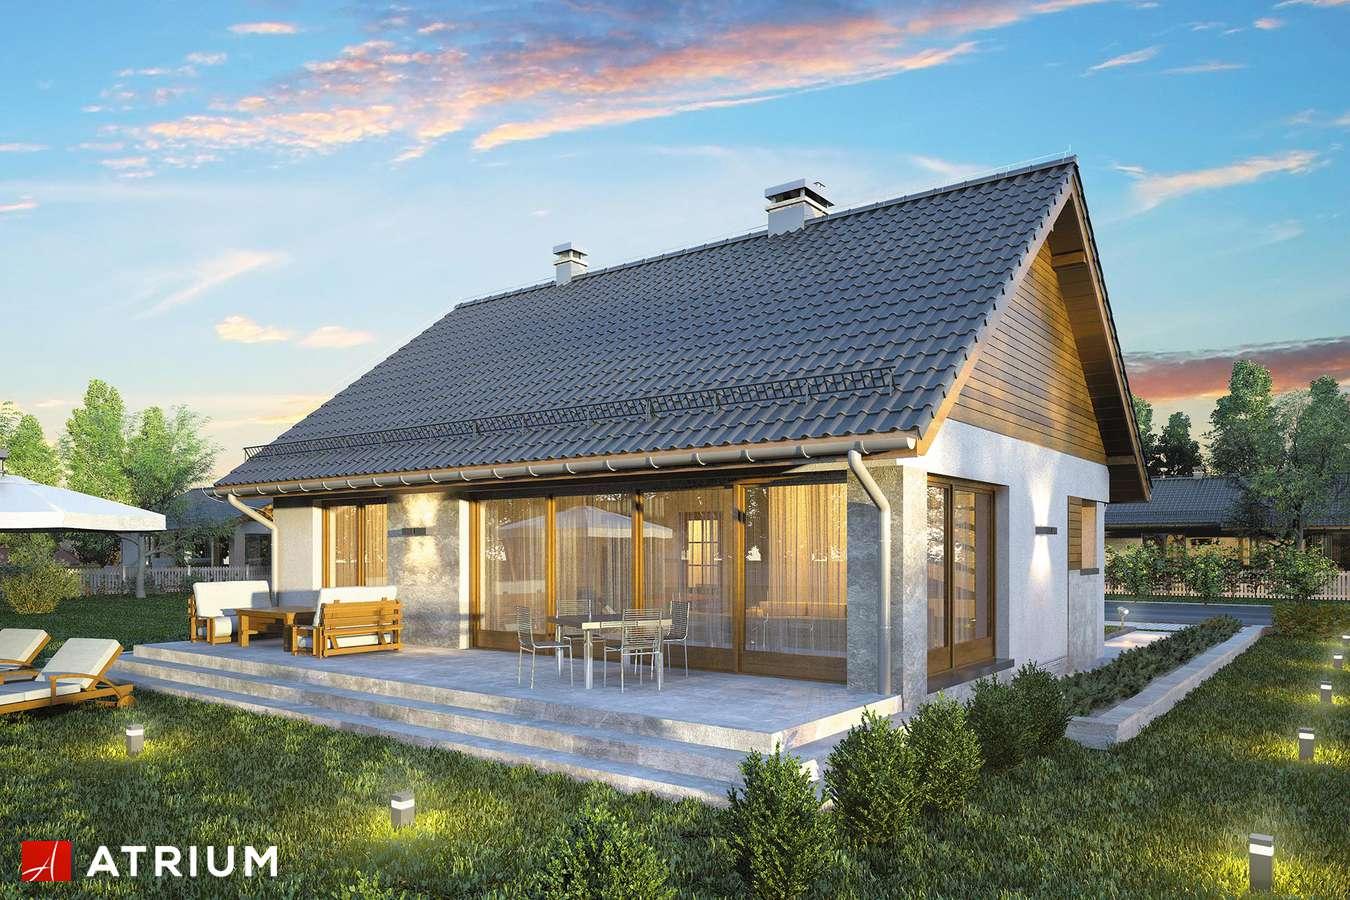 Projekty domów - Projekt domu parterowego RICARDO X LIFT - wizualizacja 2 - wersja lustrzana